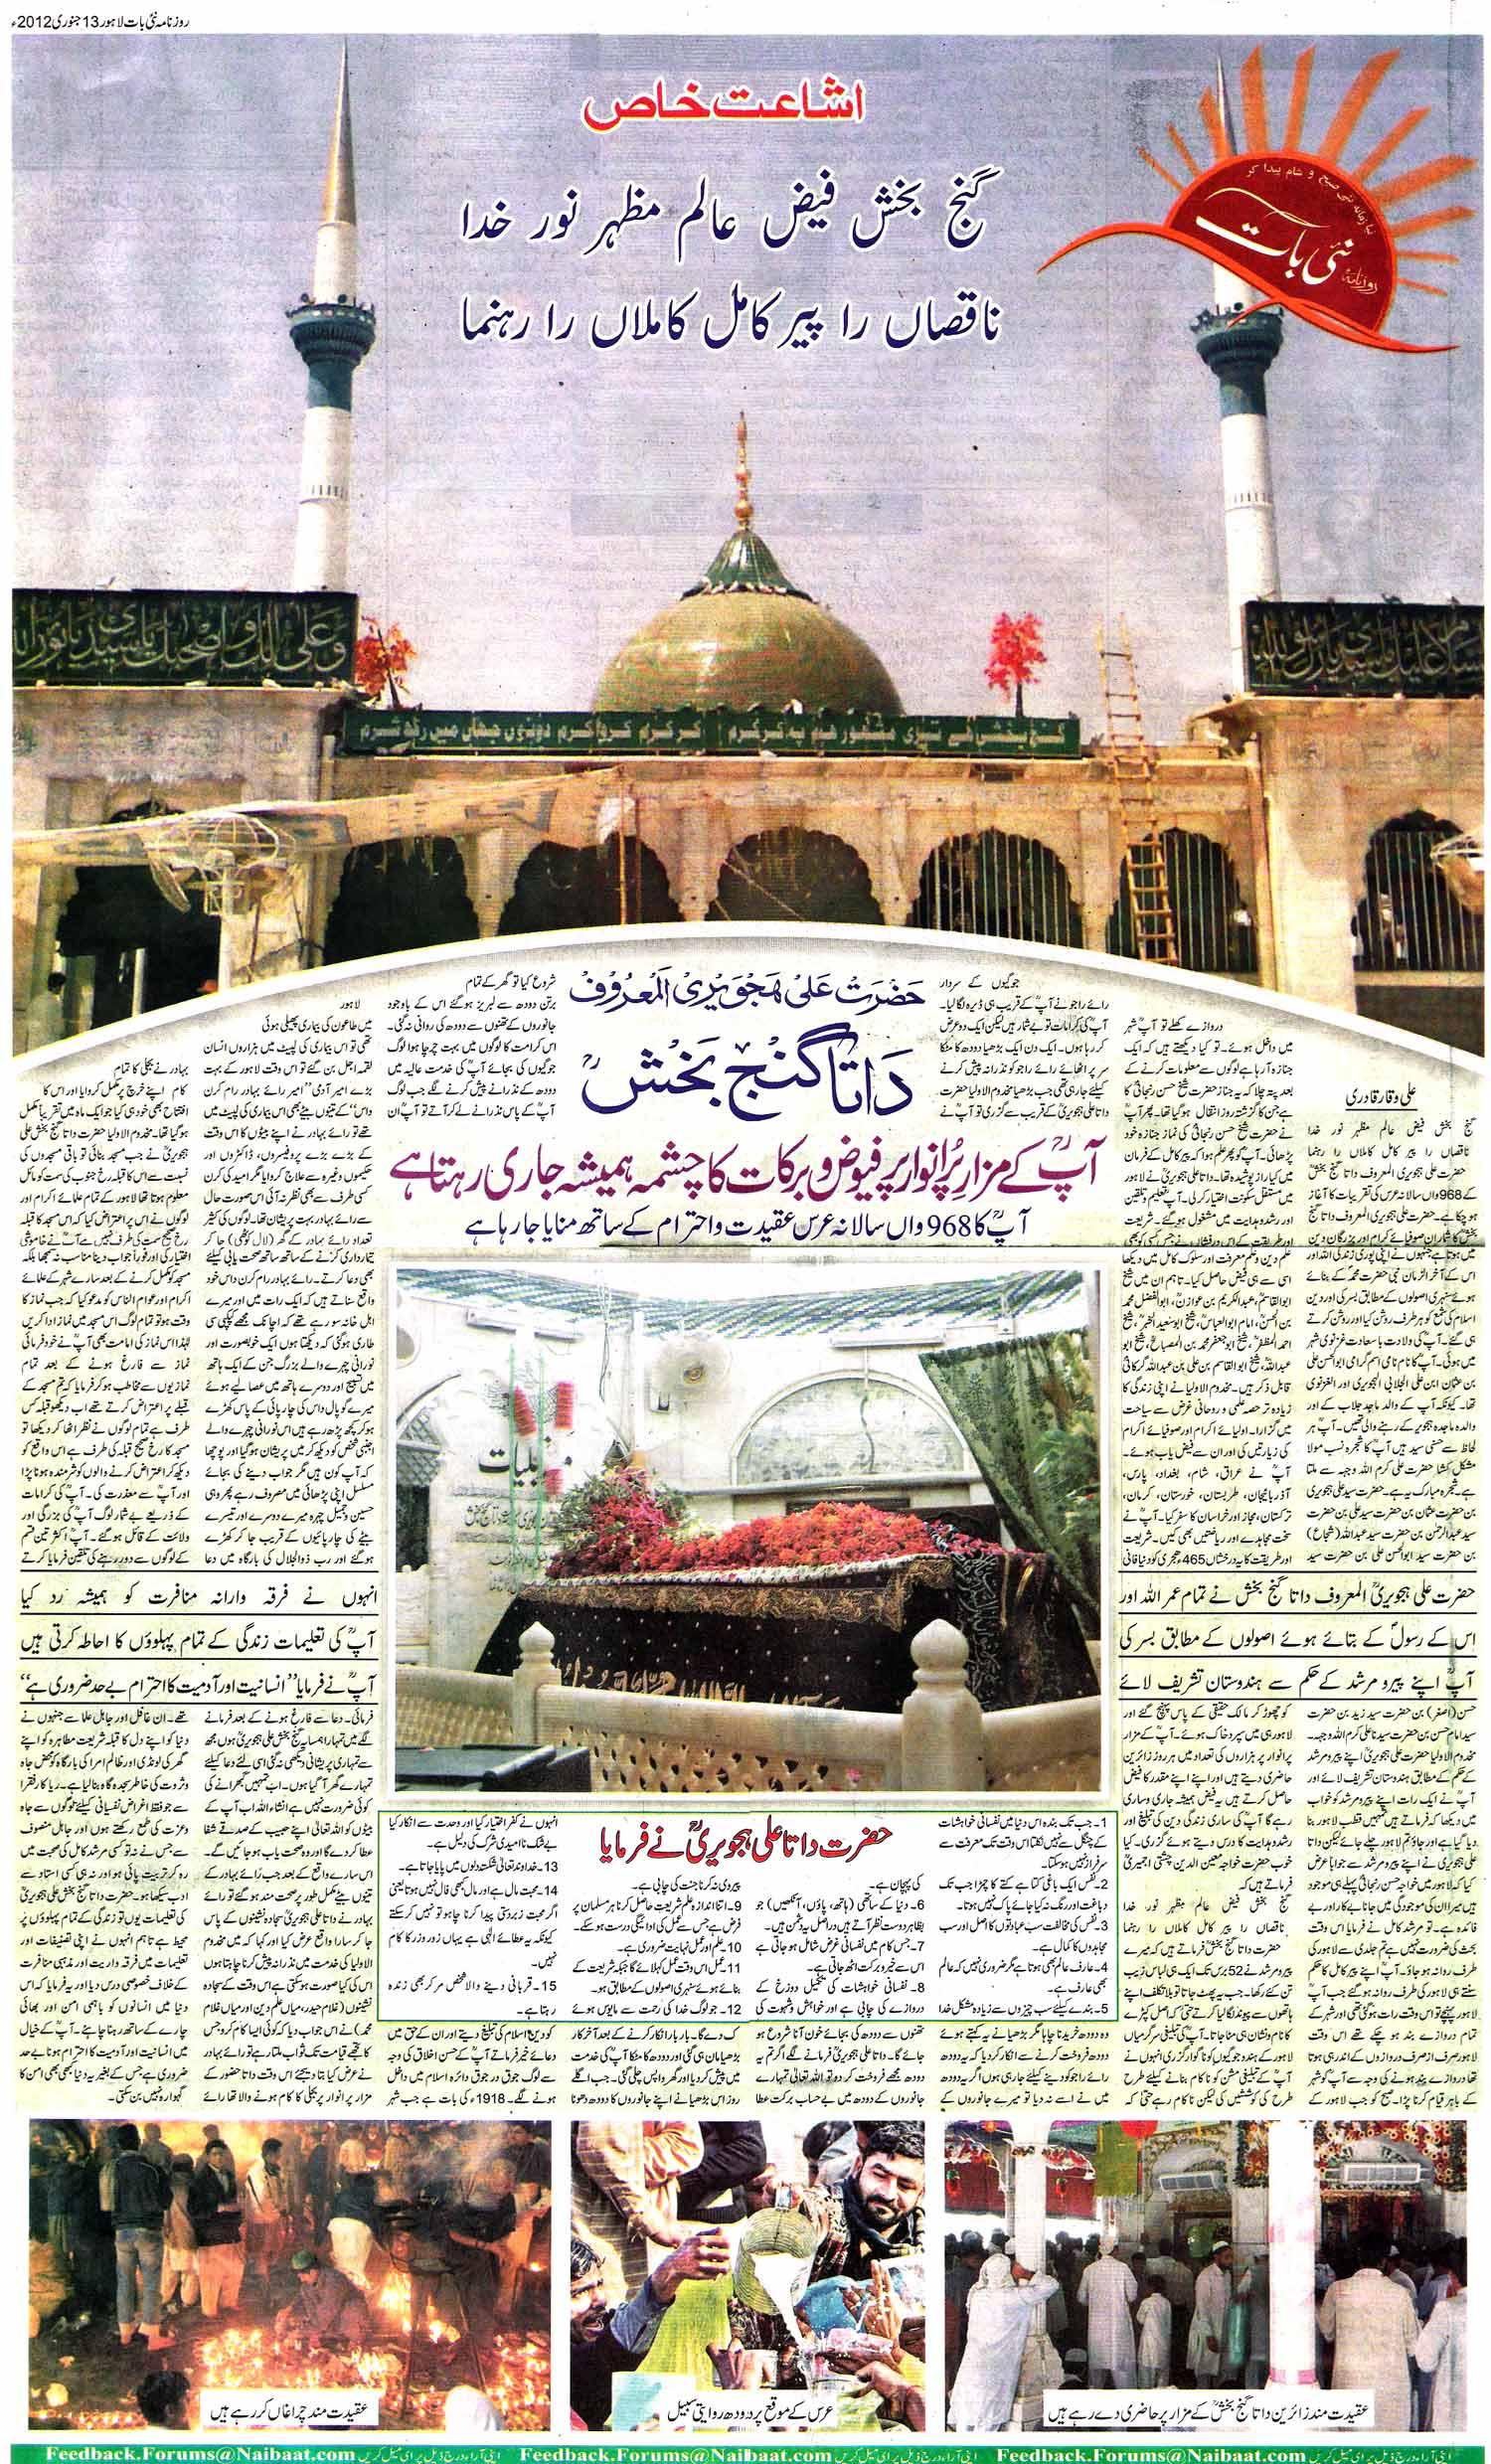 تحریک منہاج القرآن Minhaj-ul-Quran  Print Media Coverage پرنٹ میڈیا کوریج Daily Nai Baat